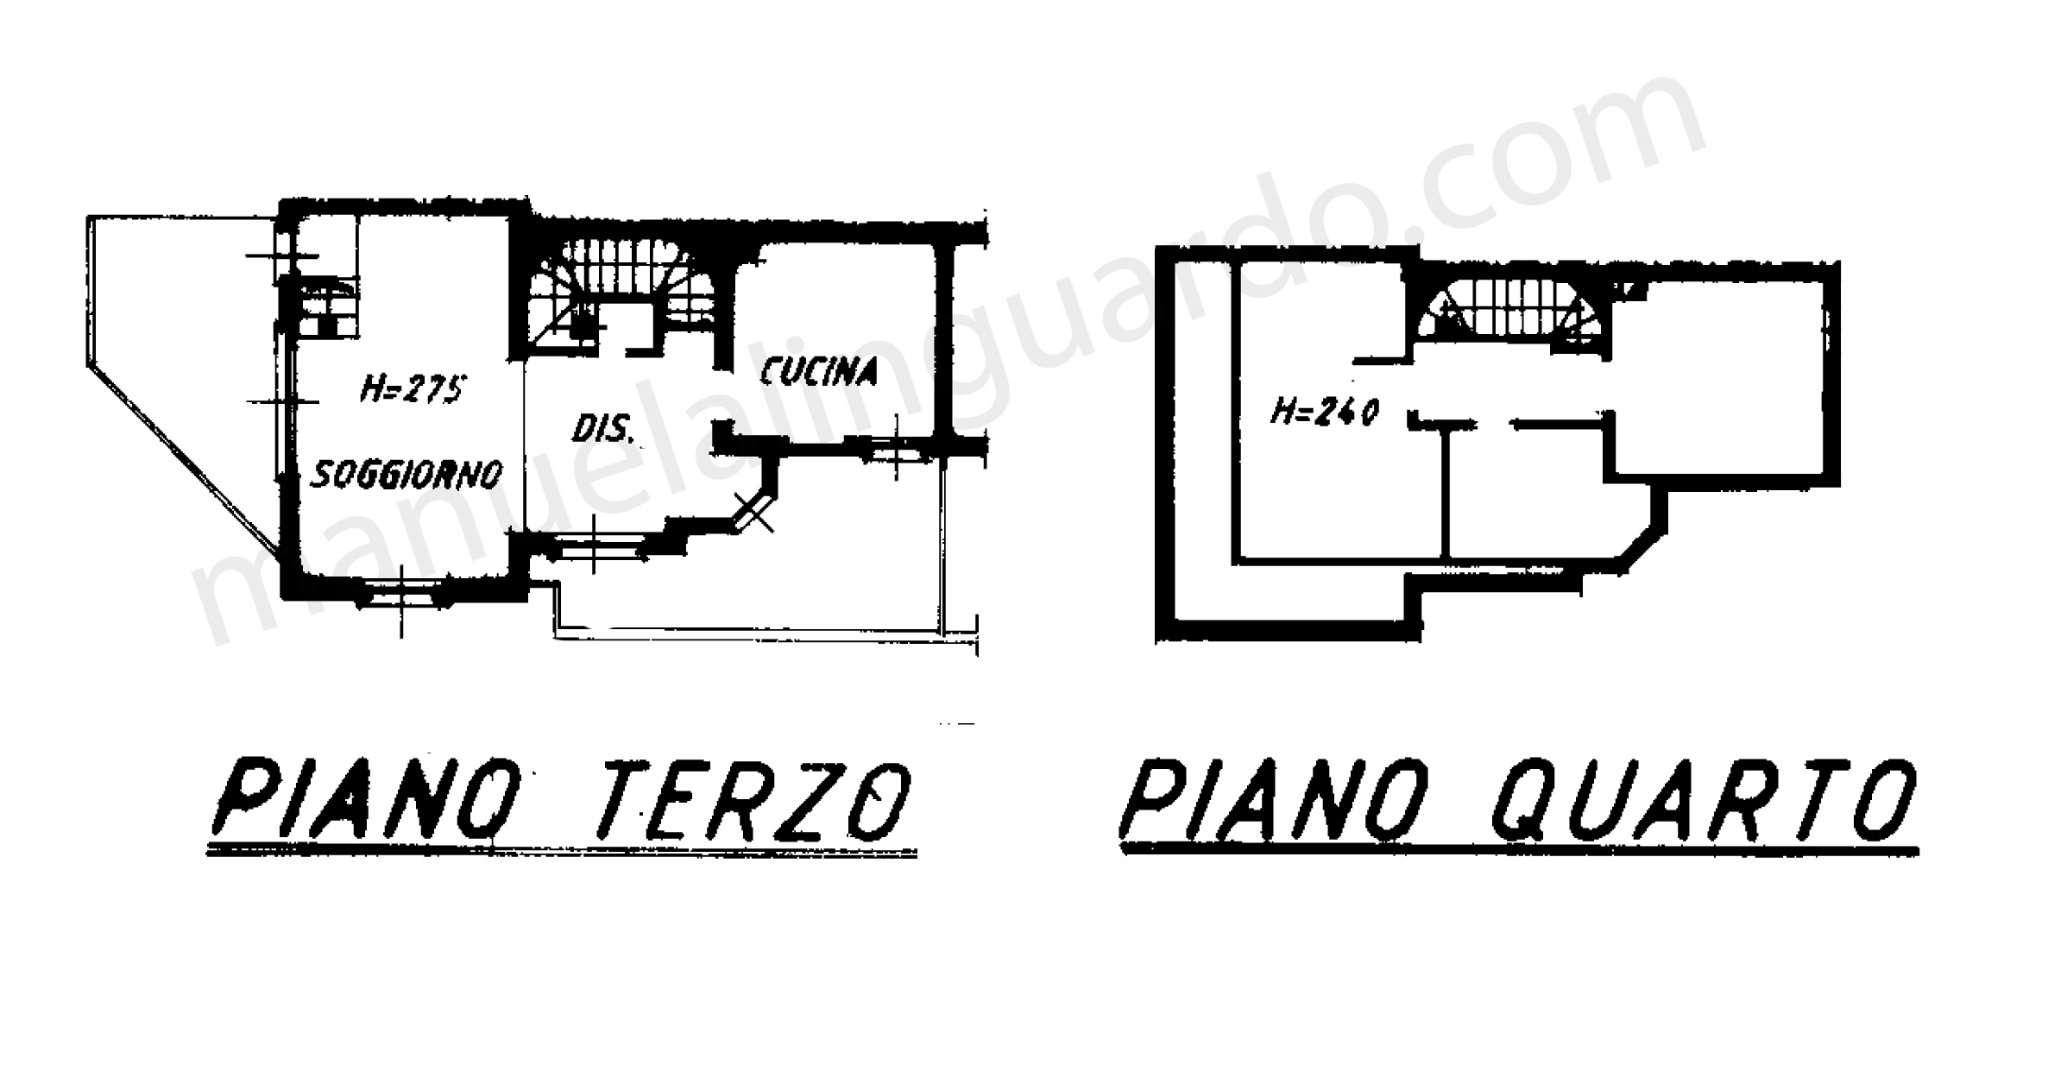 Planimetria appartamentoVia Borgonuovo 20121